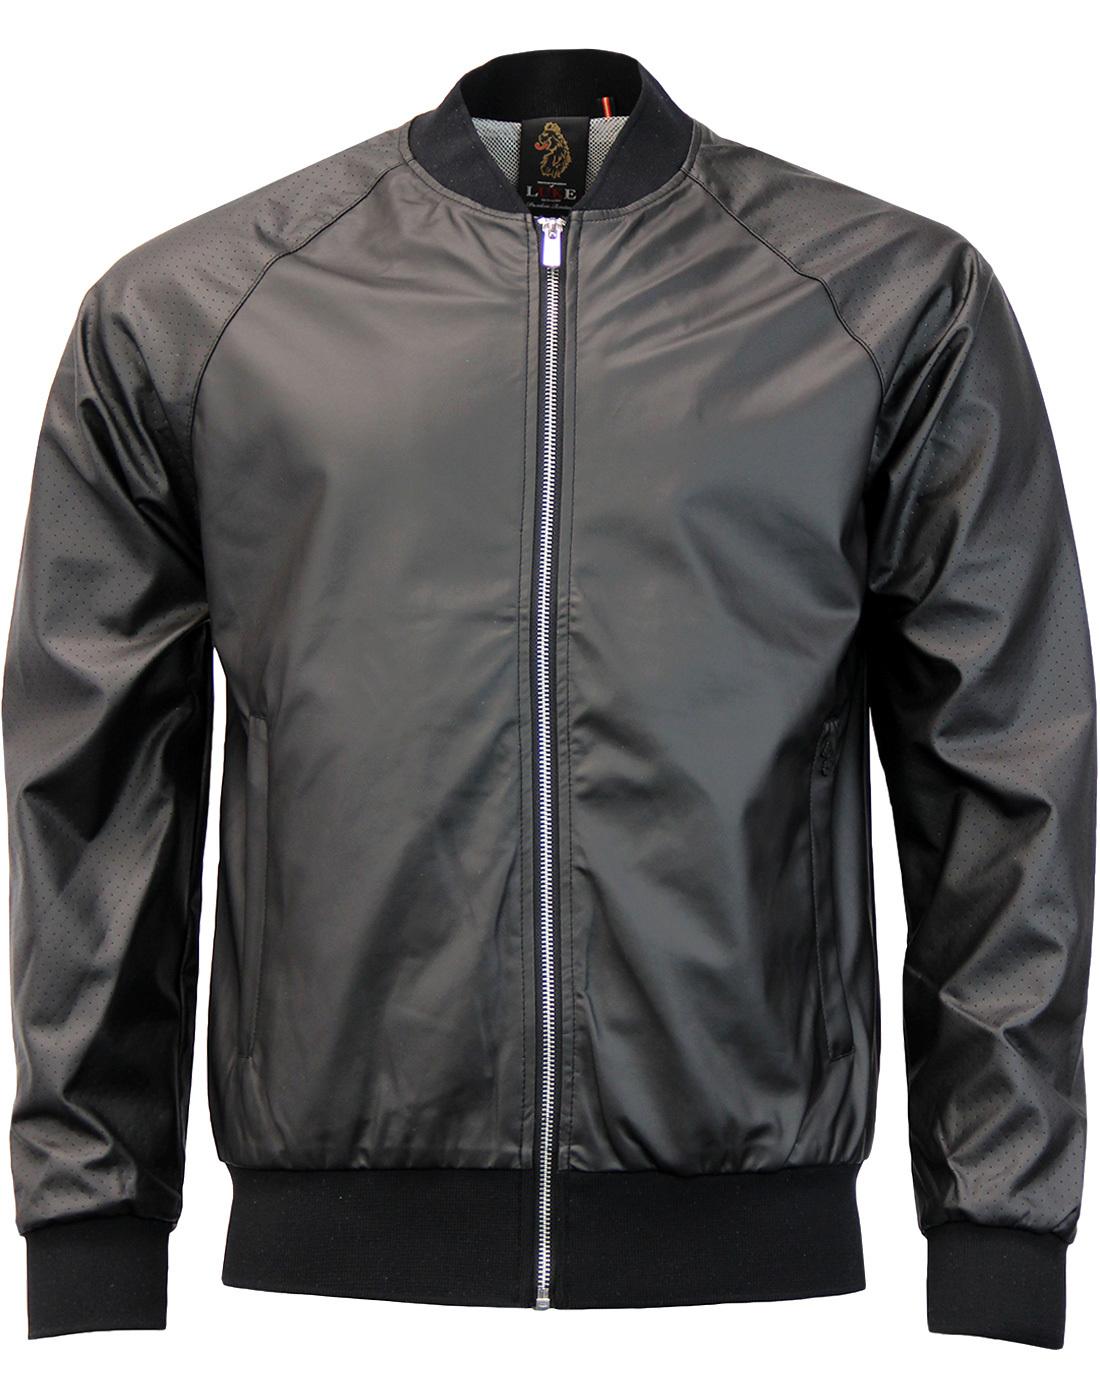 Caperwowme LUKE 1977 Indie Leather Look Jacket